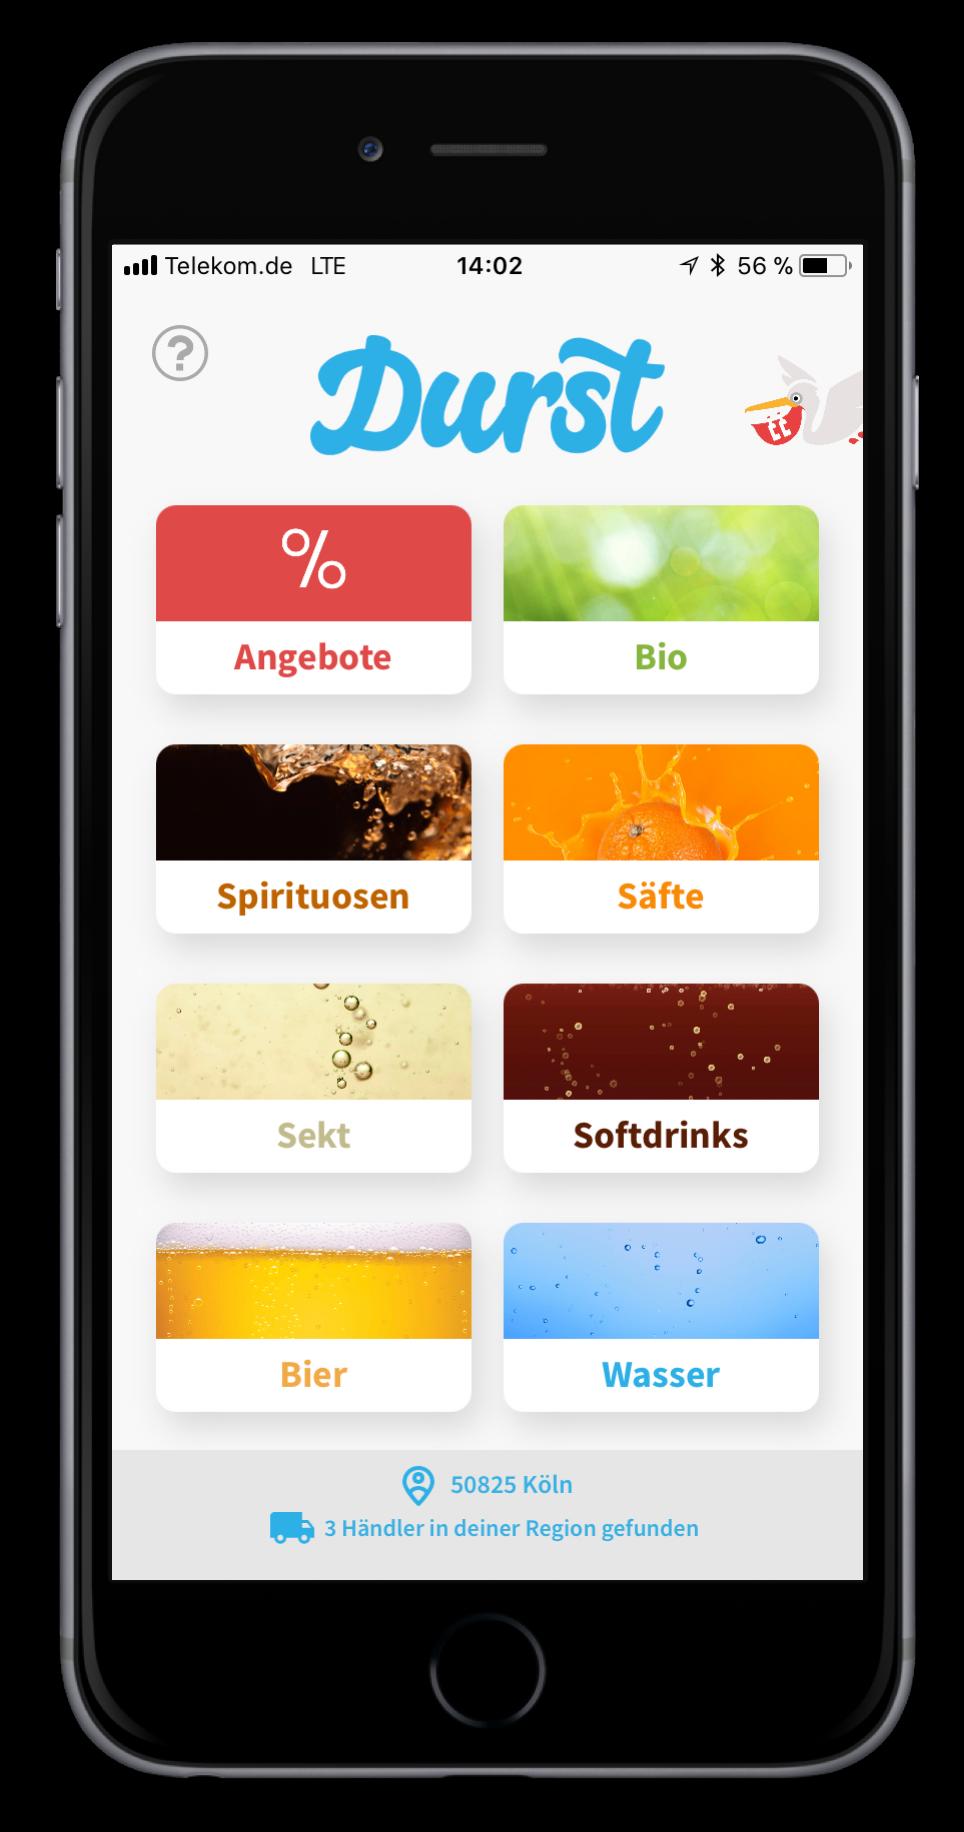 Mit Durst digitalisieren Getränkehändler ihre Bestell- und Lieferprozesse